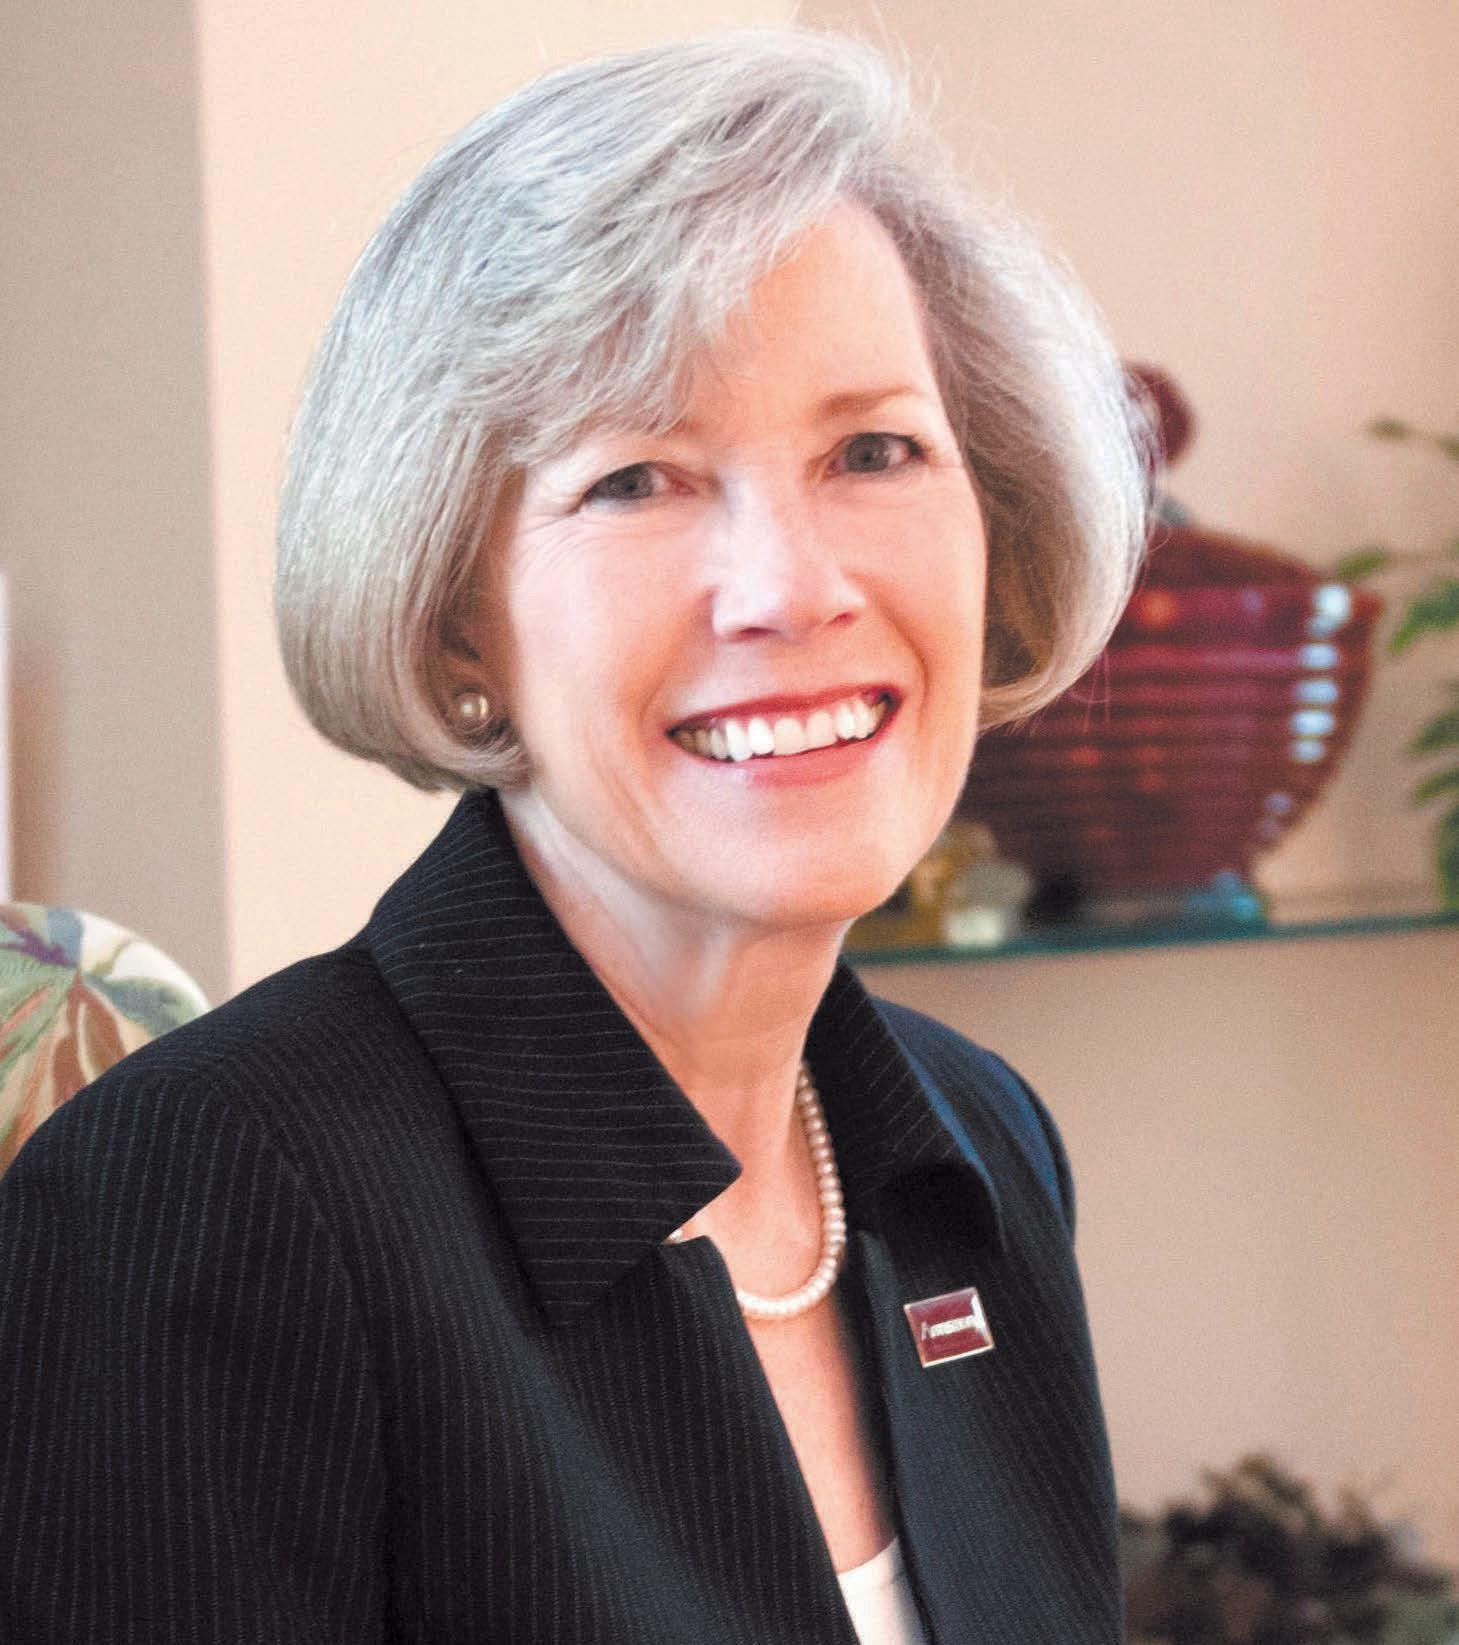 Armstrong President Linda M. Bleicken